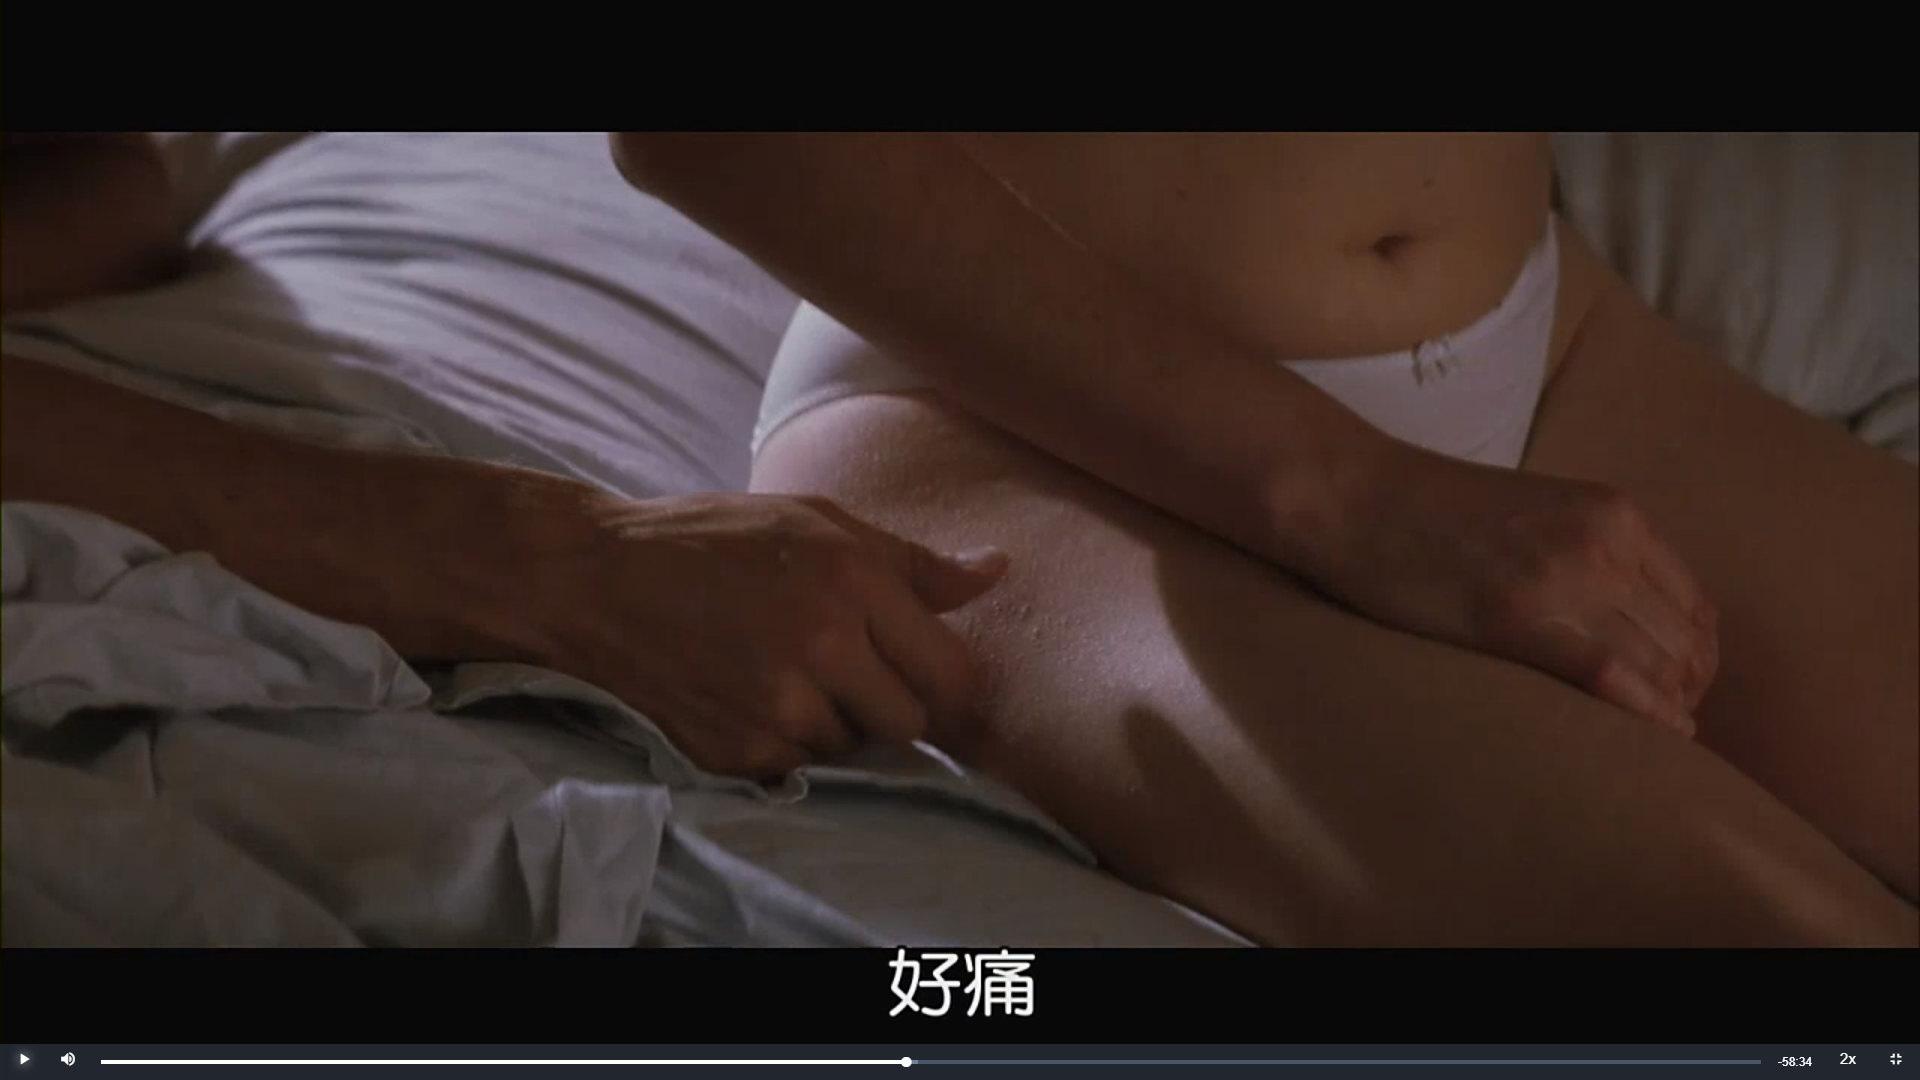 [感想] 電影-記憶拼圖 Memento (2000) 整理順序劇情&爭議討論-089.jpg